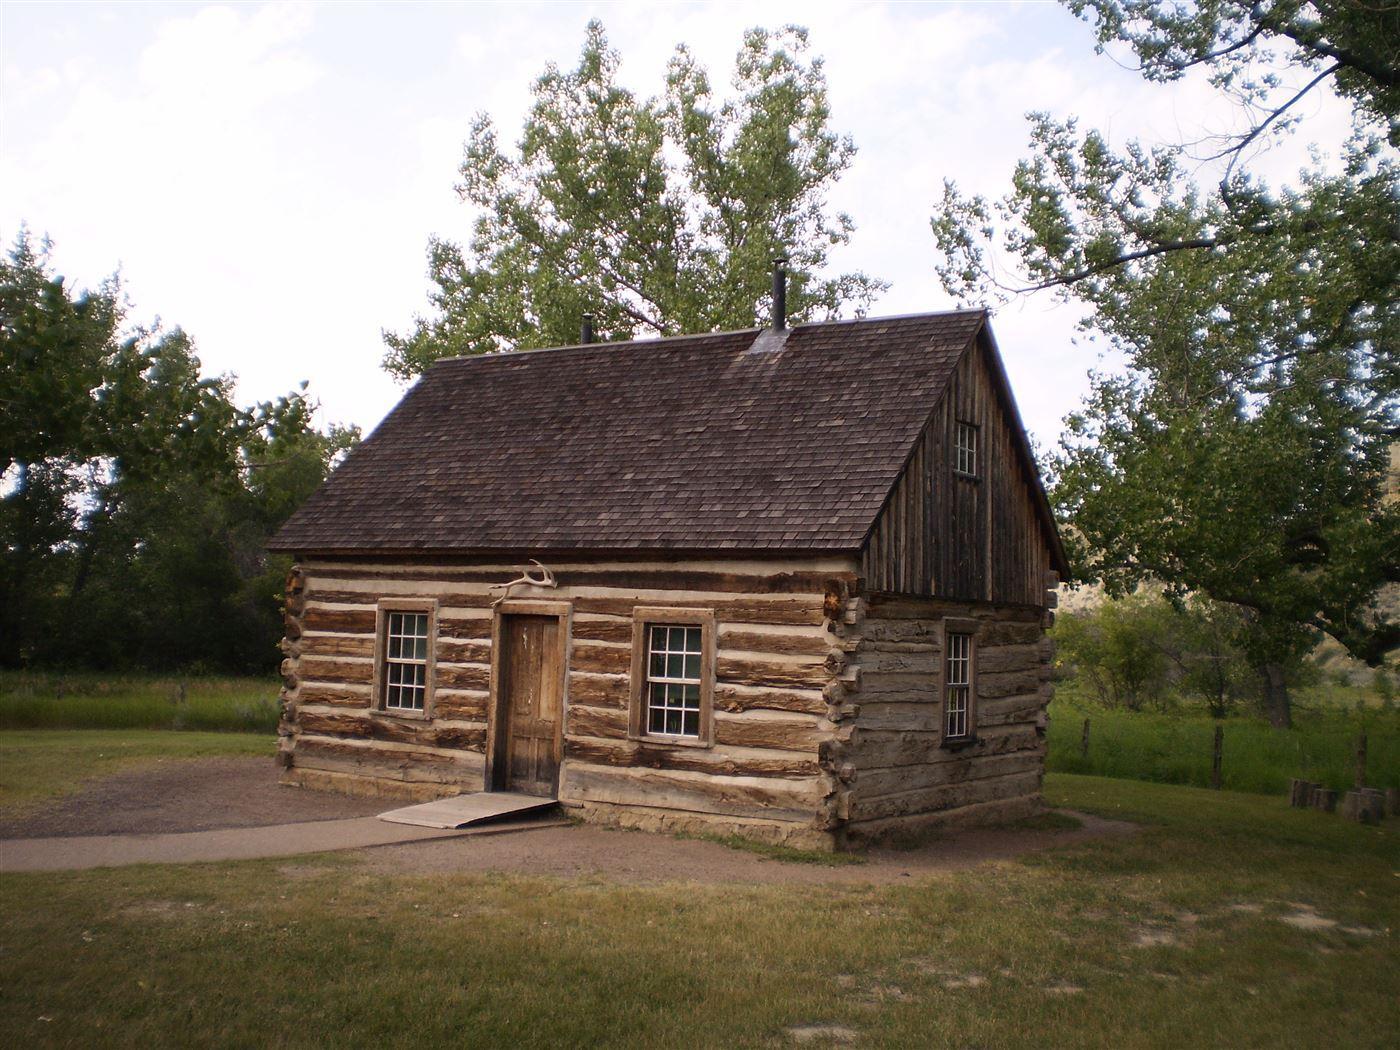 Roosevelt home, wood cabin